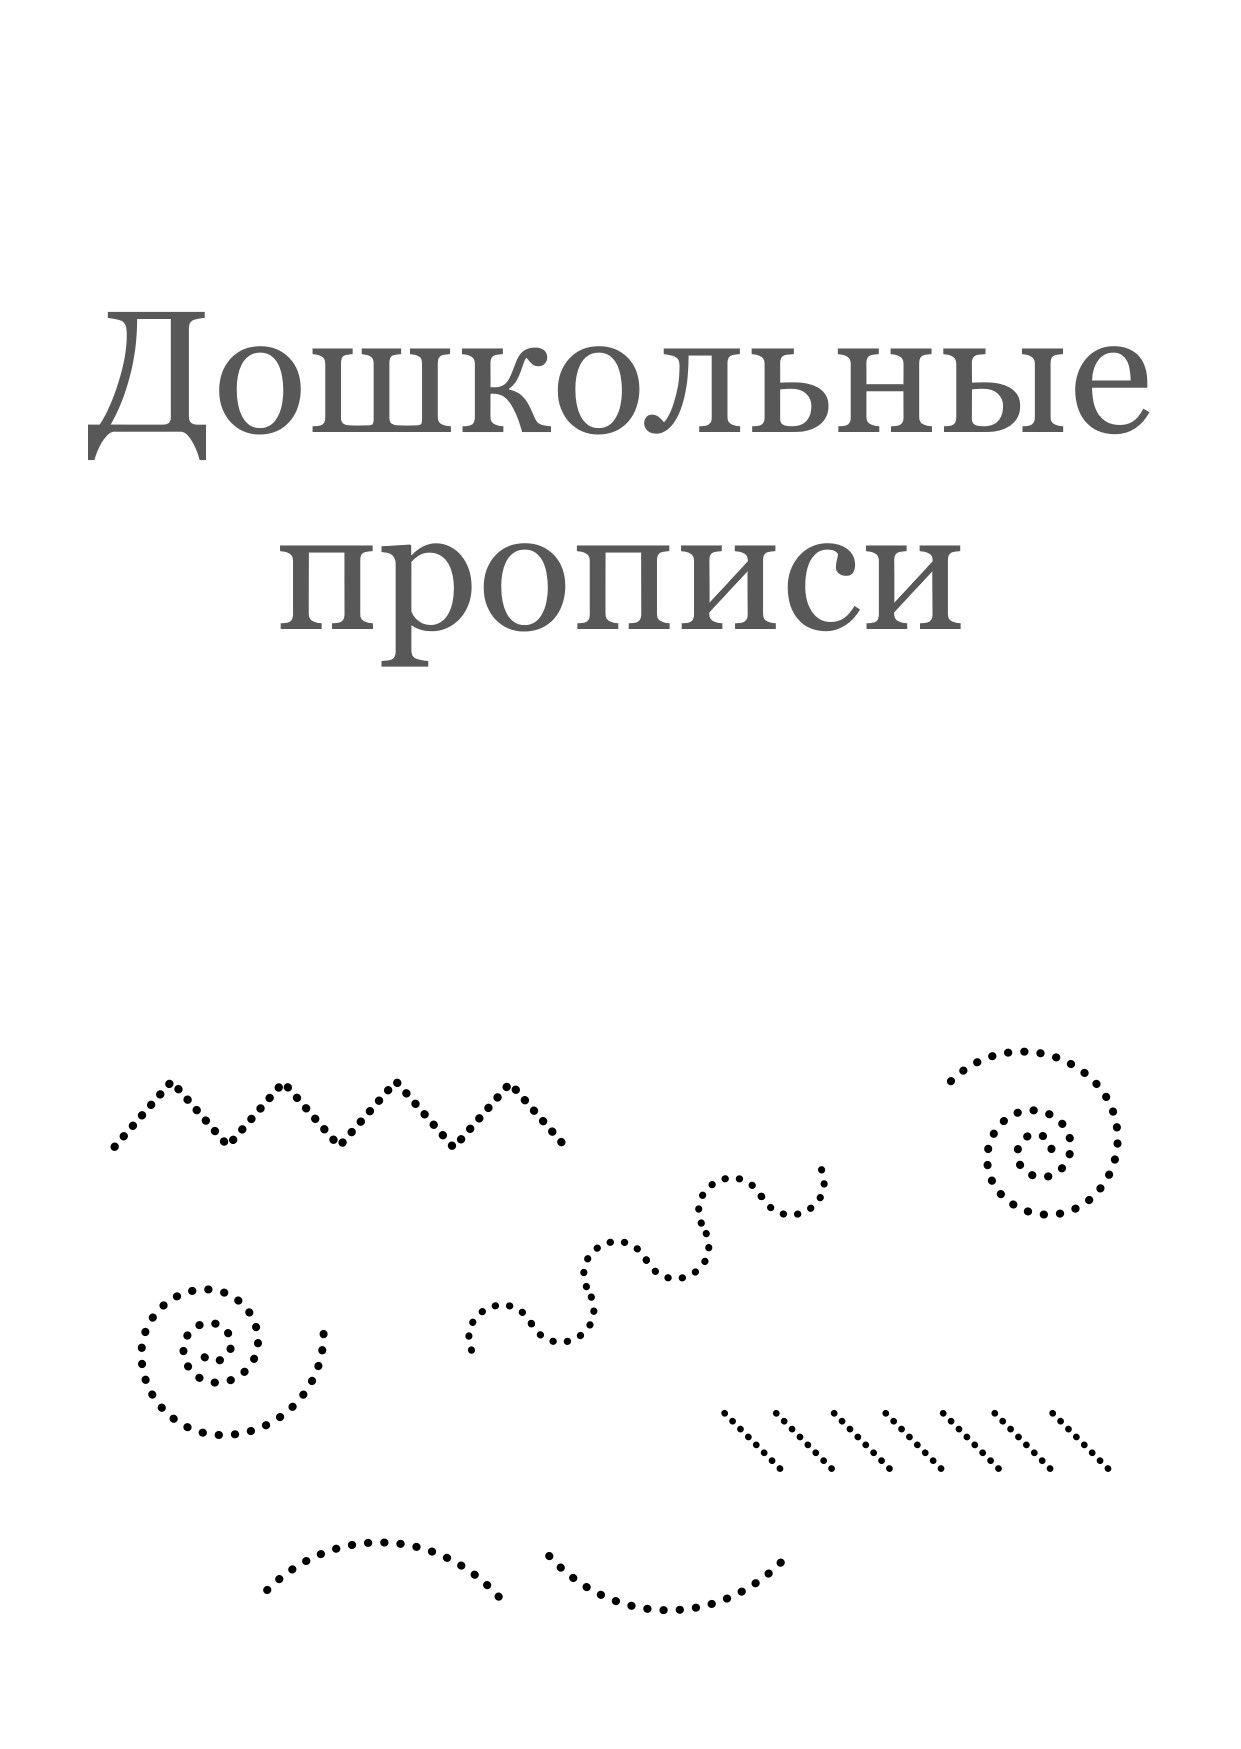 Zadaniya Dlya Podgotovki Detej K Shkole Analogij Net Kindergarten Home Decor Decals Home Decor